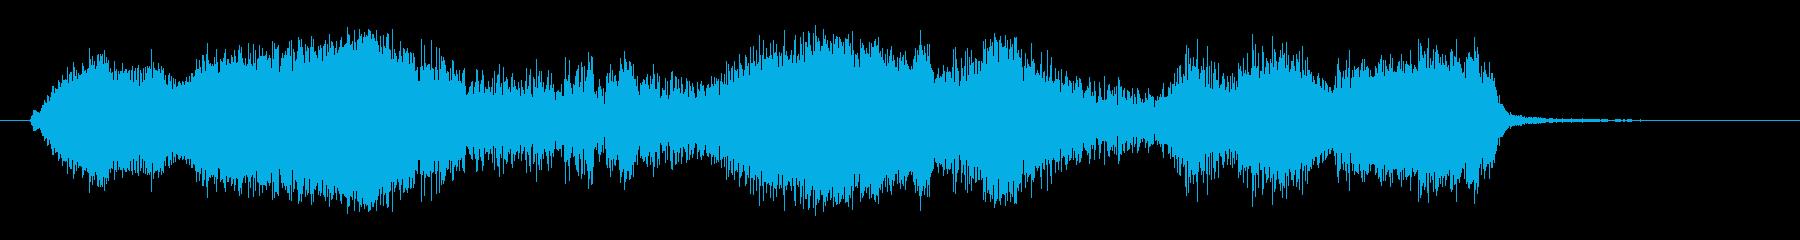 ここにピアスの再生済みの波形